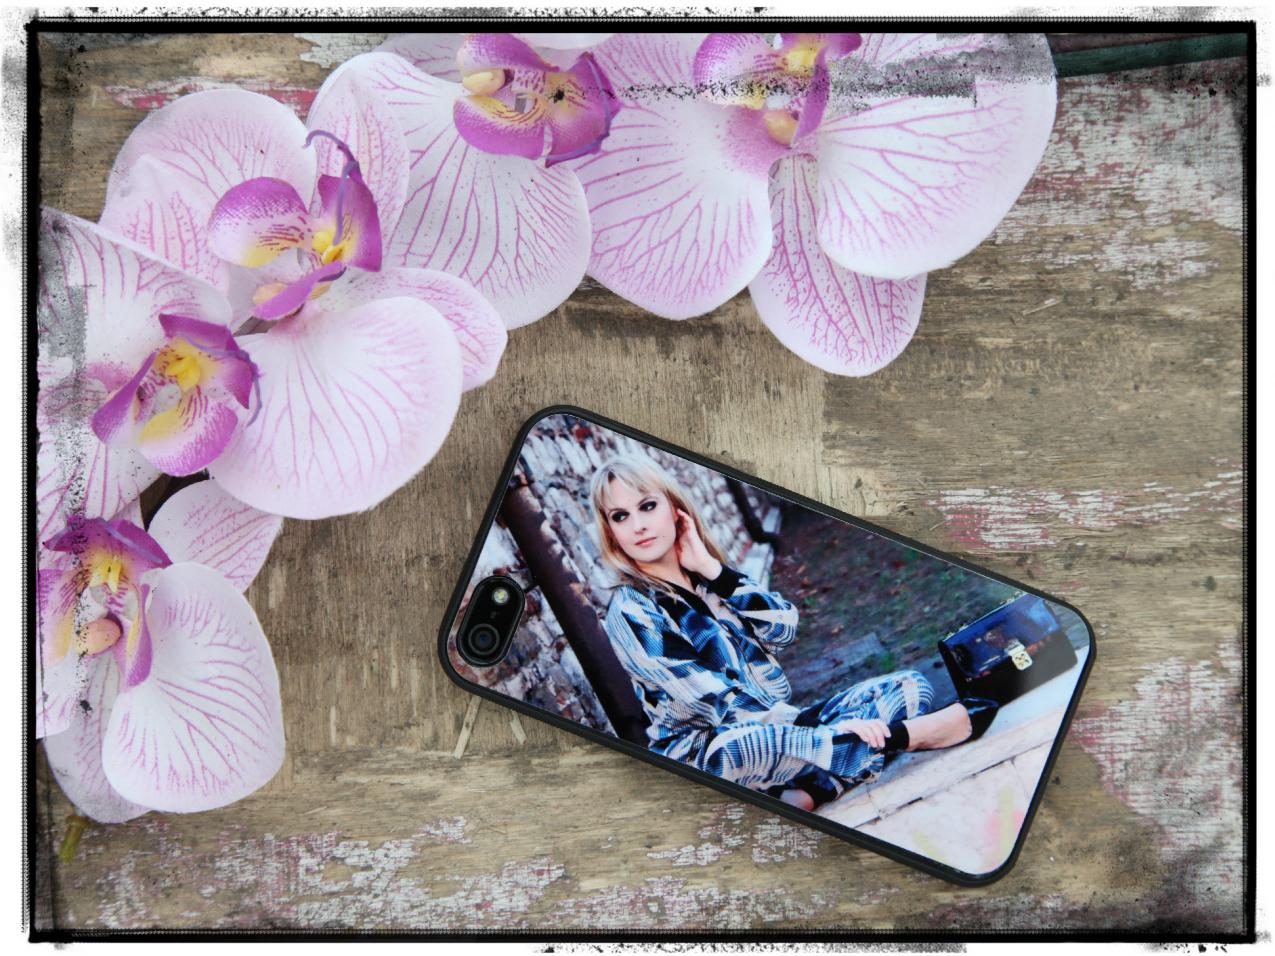 Valore alle emozioni con le cover personalizzate di PhotoSi e MioFotografo.it!, alessia milanese, thechilicool,fashion blog,fashion blogger